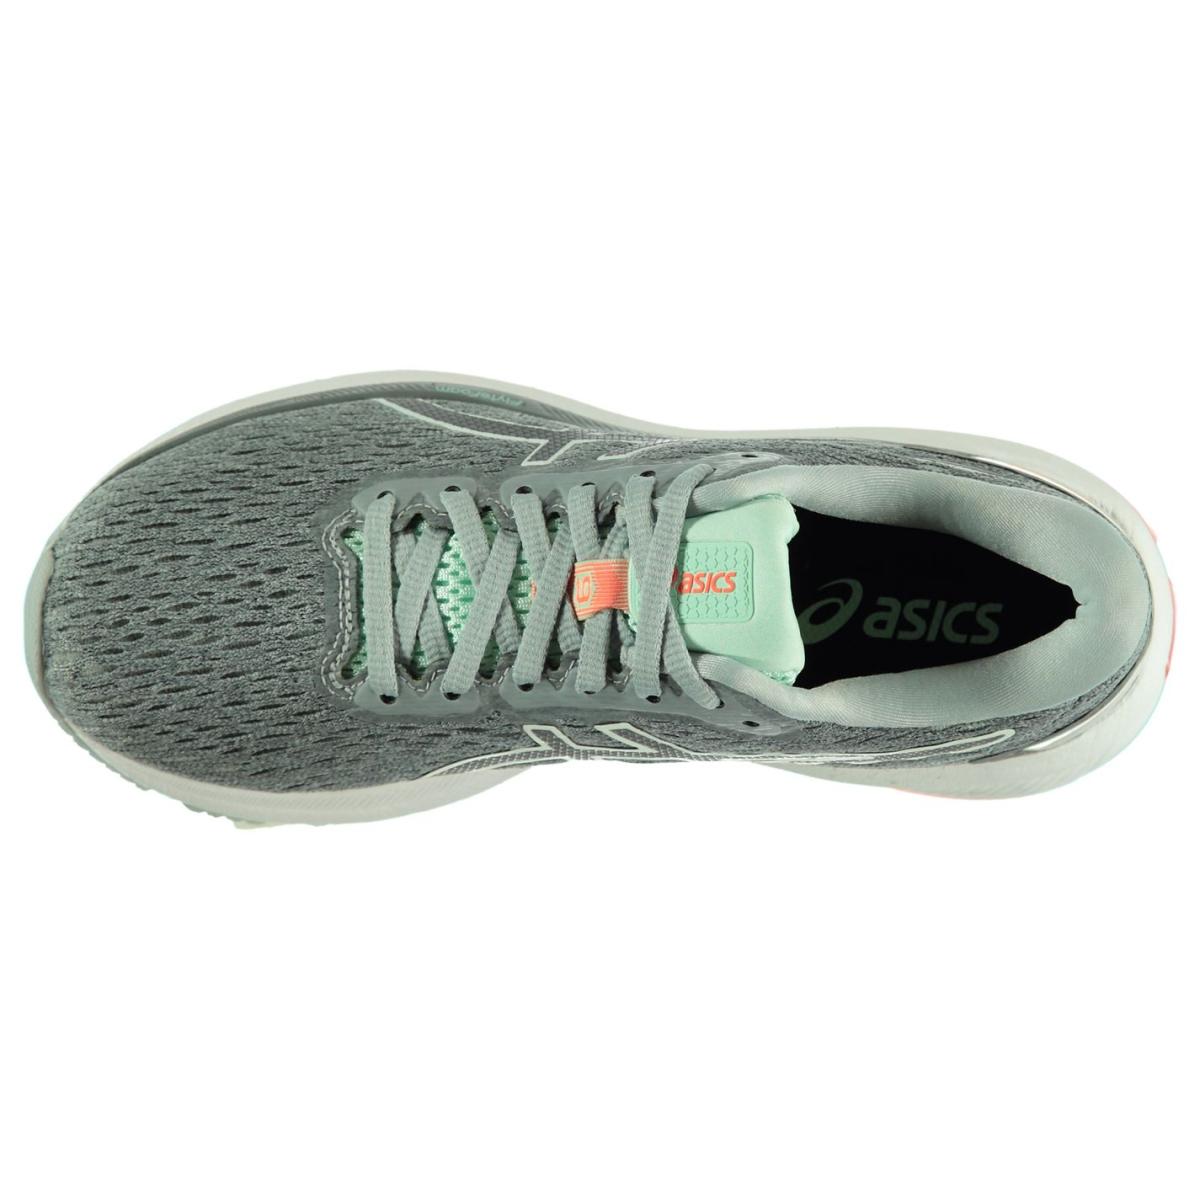 Asics-Turnschuhe-Damen-Sneaker-Sportschuhe-Laufschuhe-Gt1000v9-4243 Indexbild 7